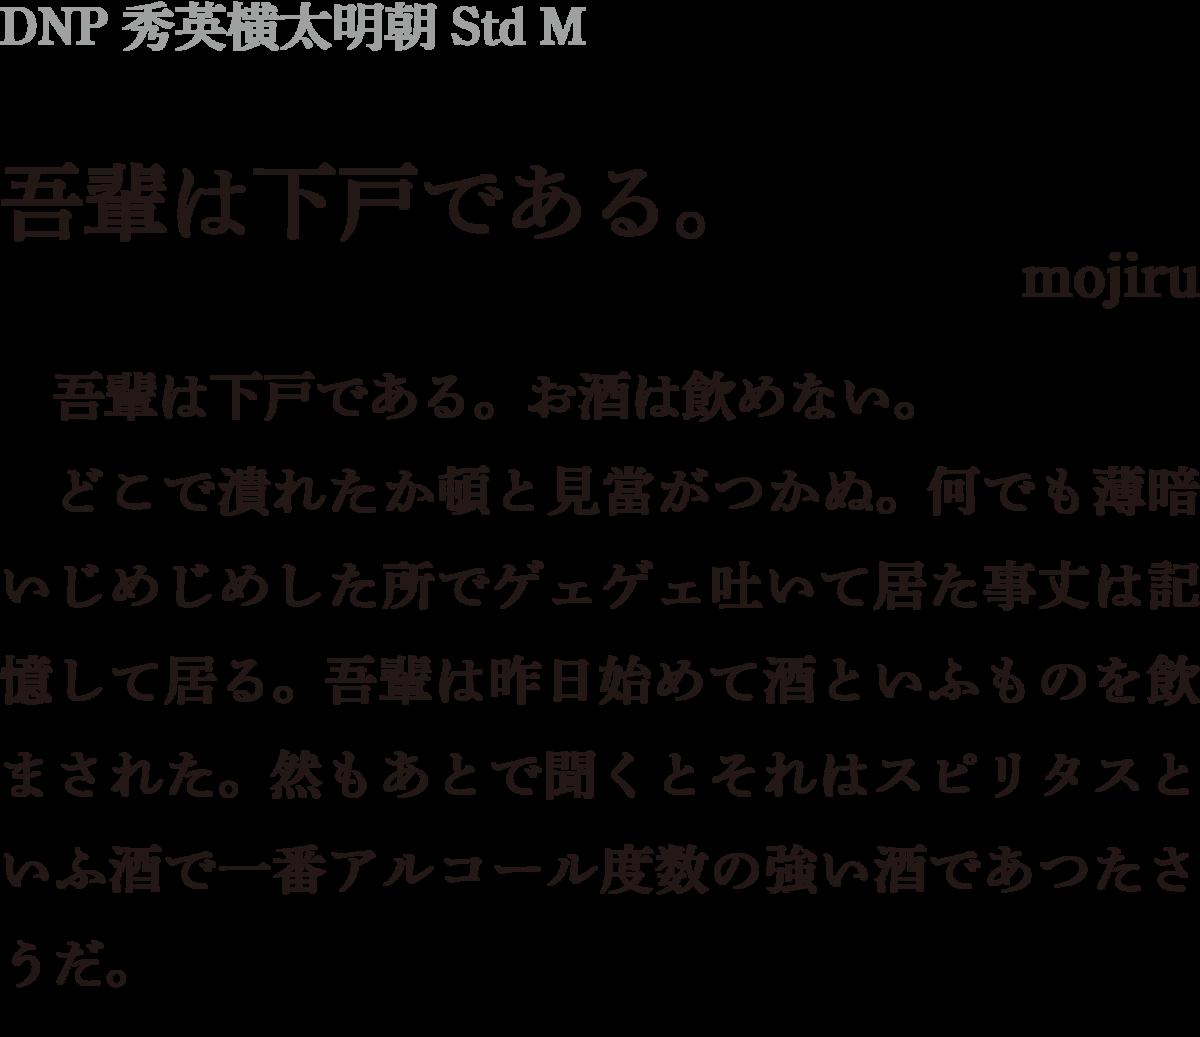 f:id:mojiru:20190411095837p:plain